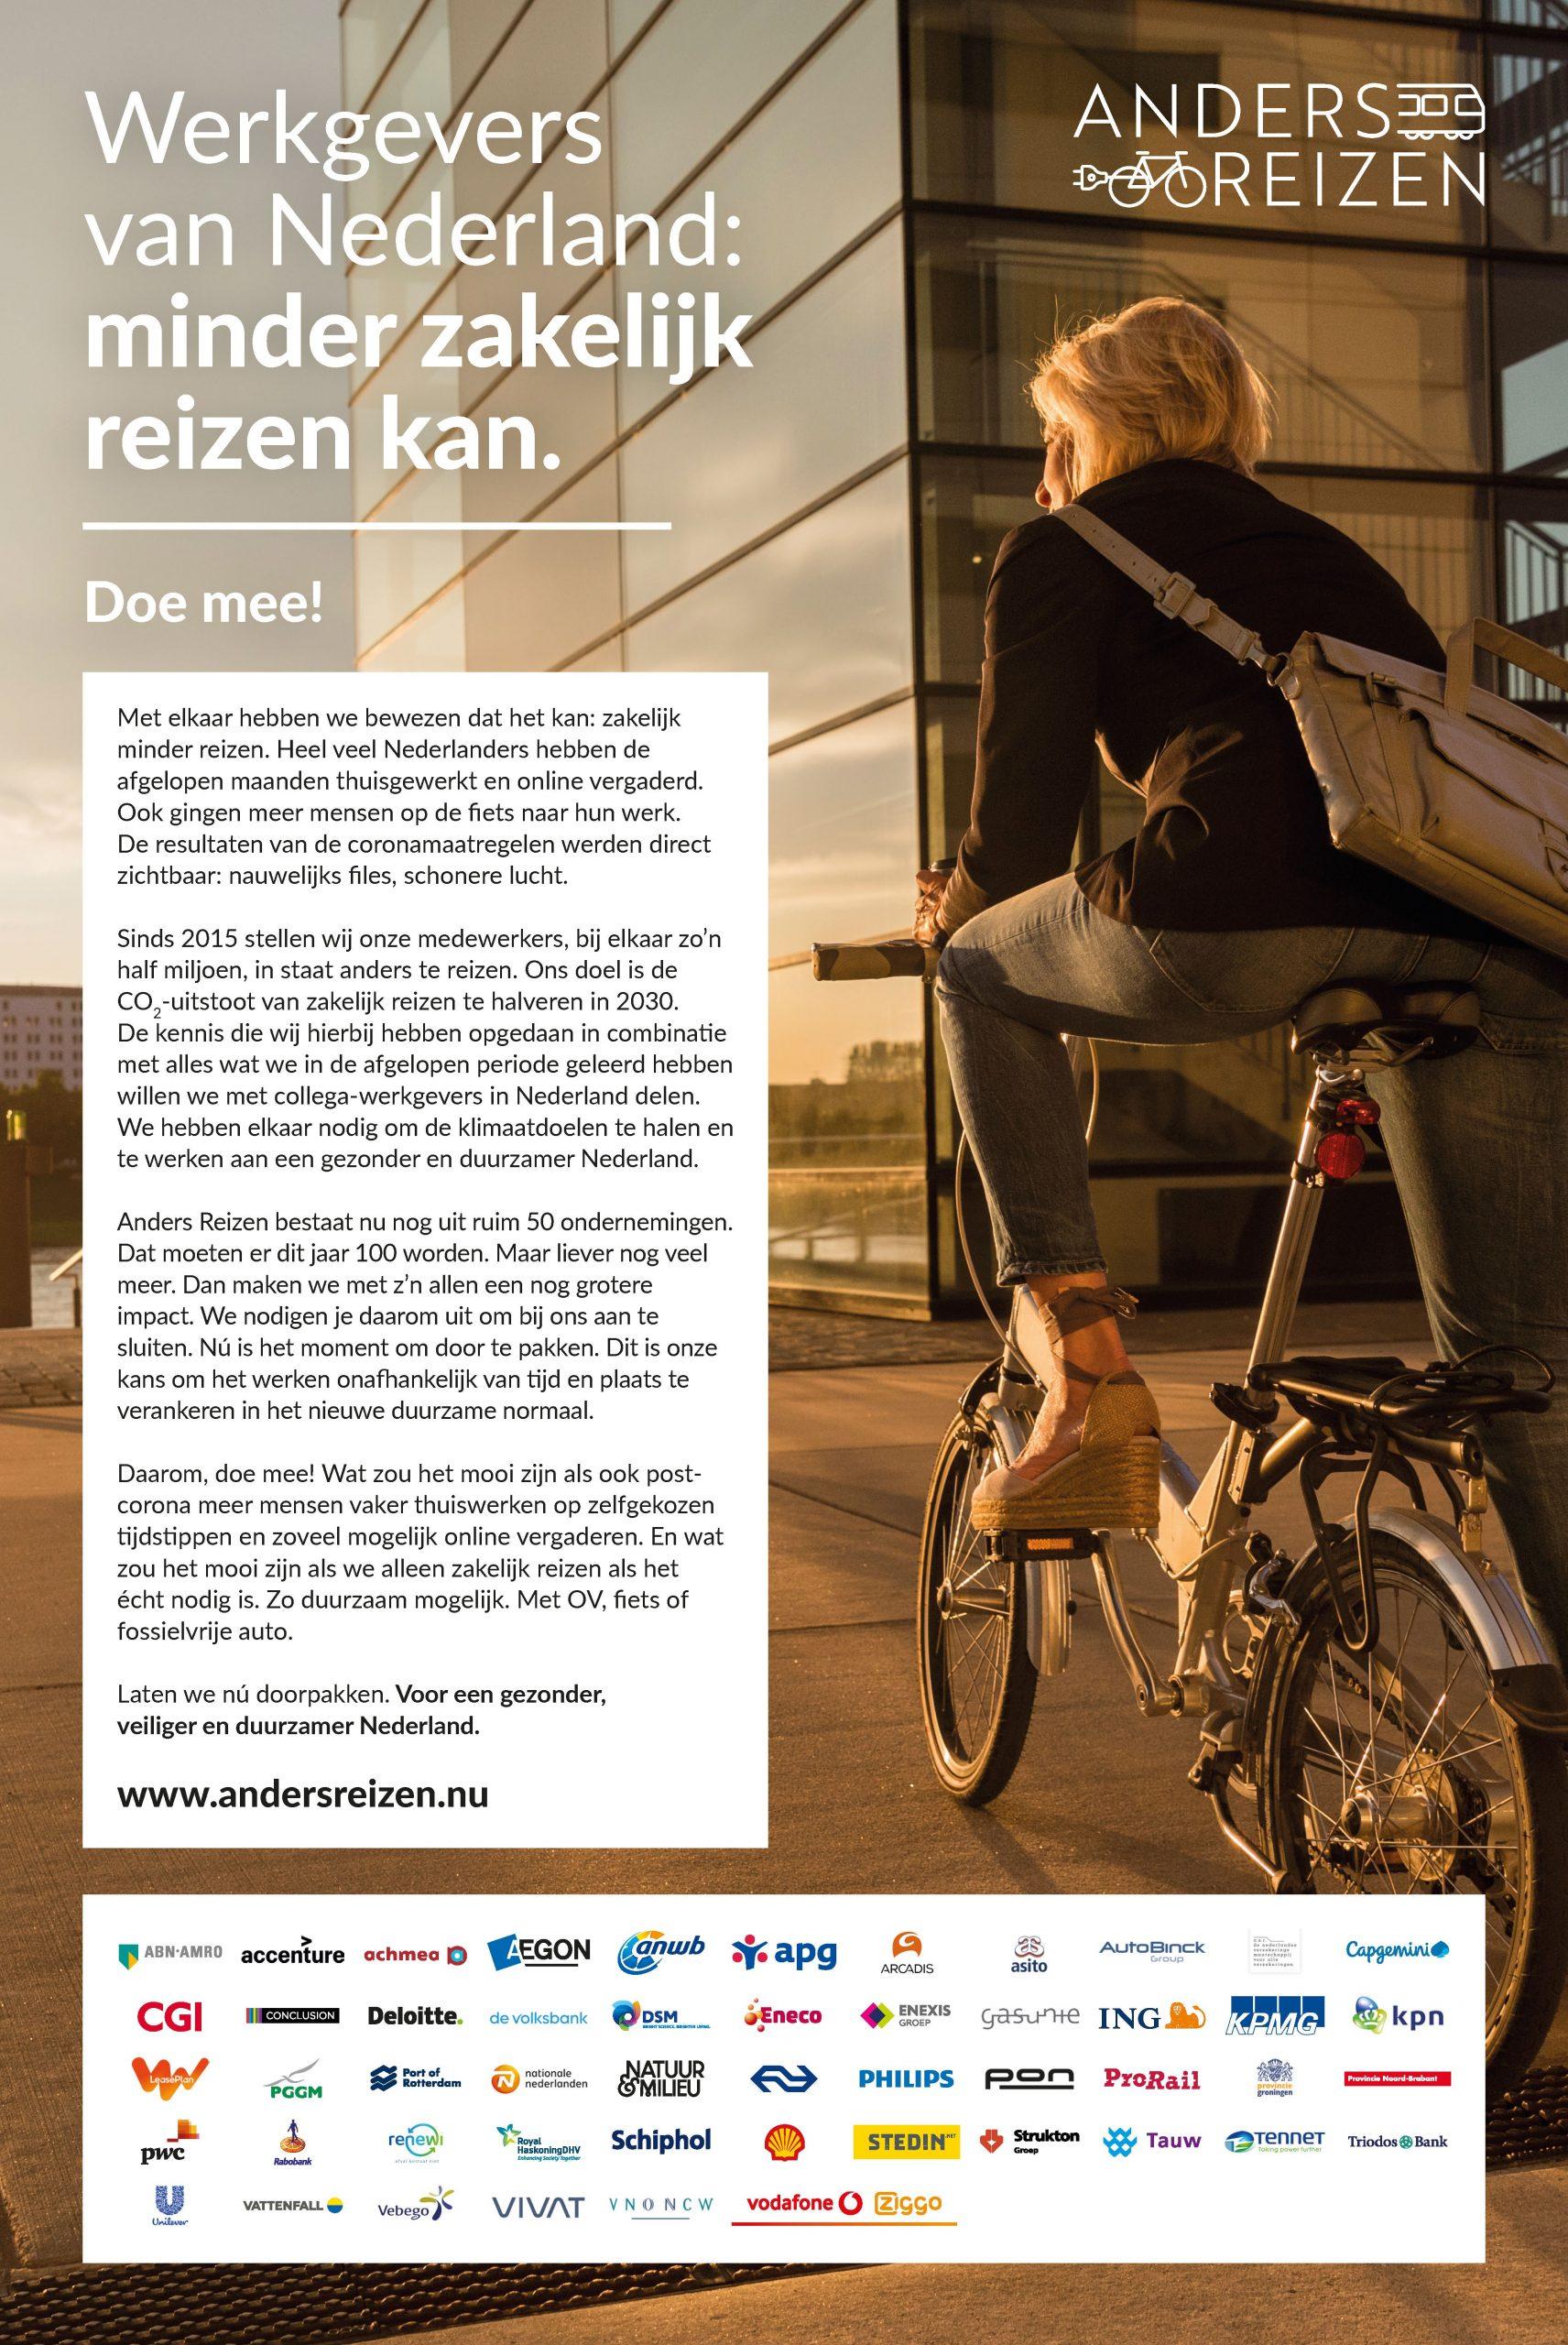 Anders Reizen advertentie